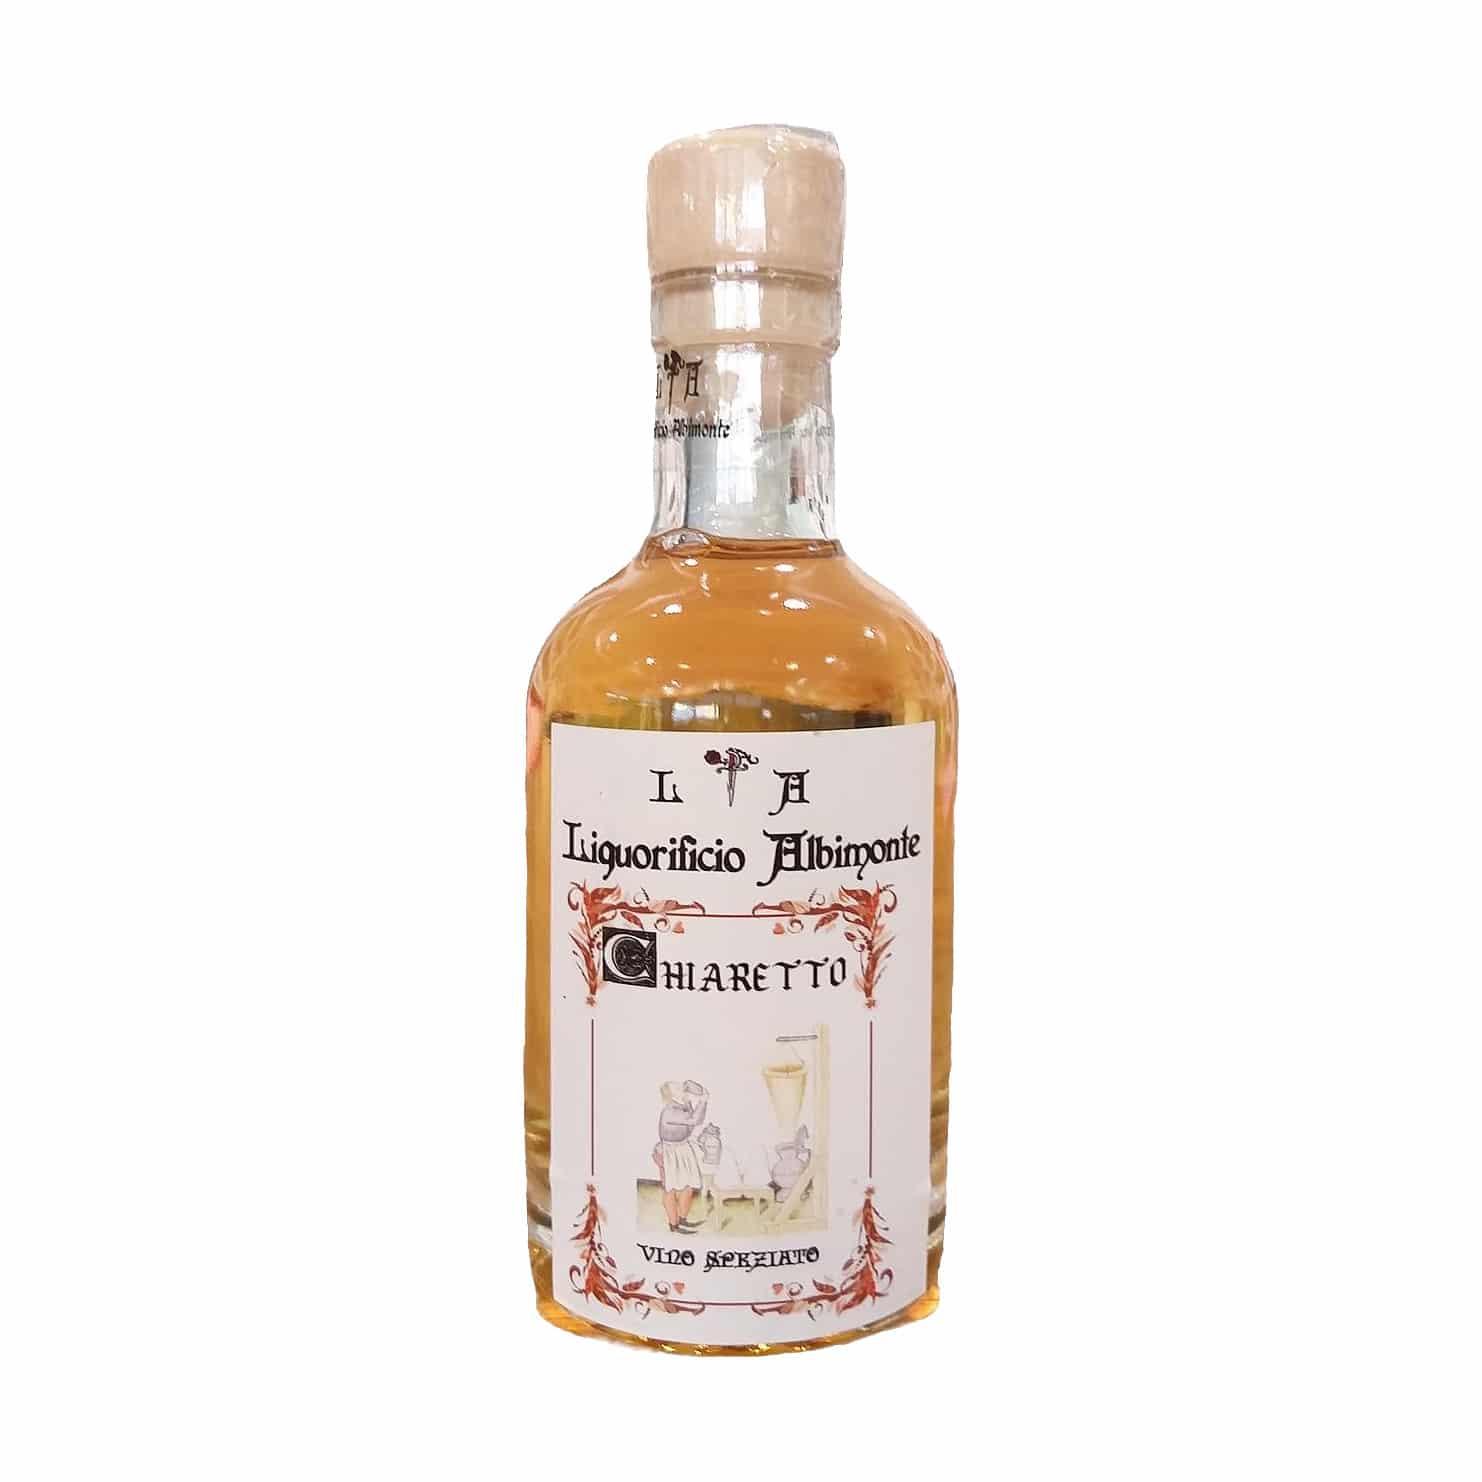 CHIARETTO VINO SPEZIATO 20CL Liquorificio Albimonte